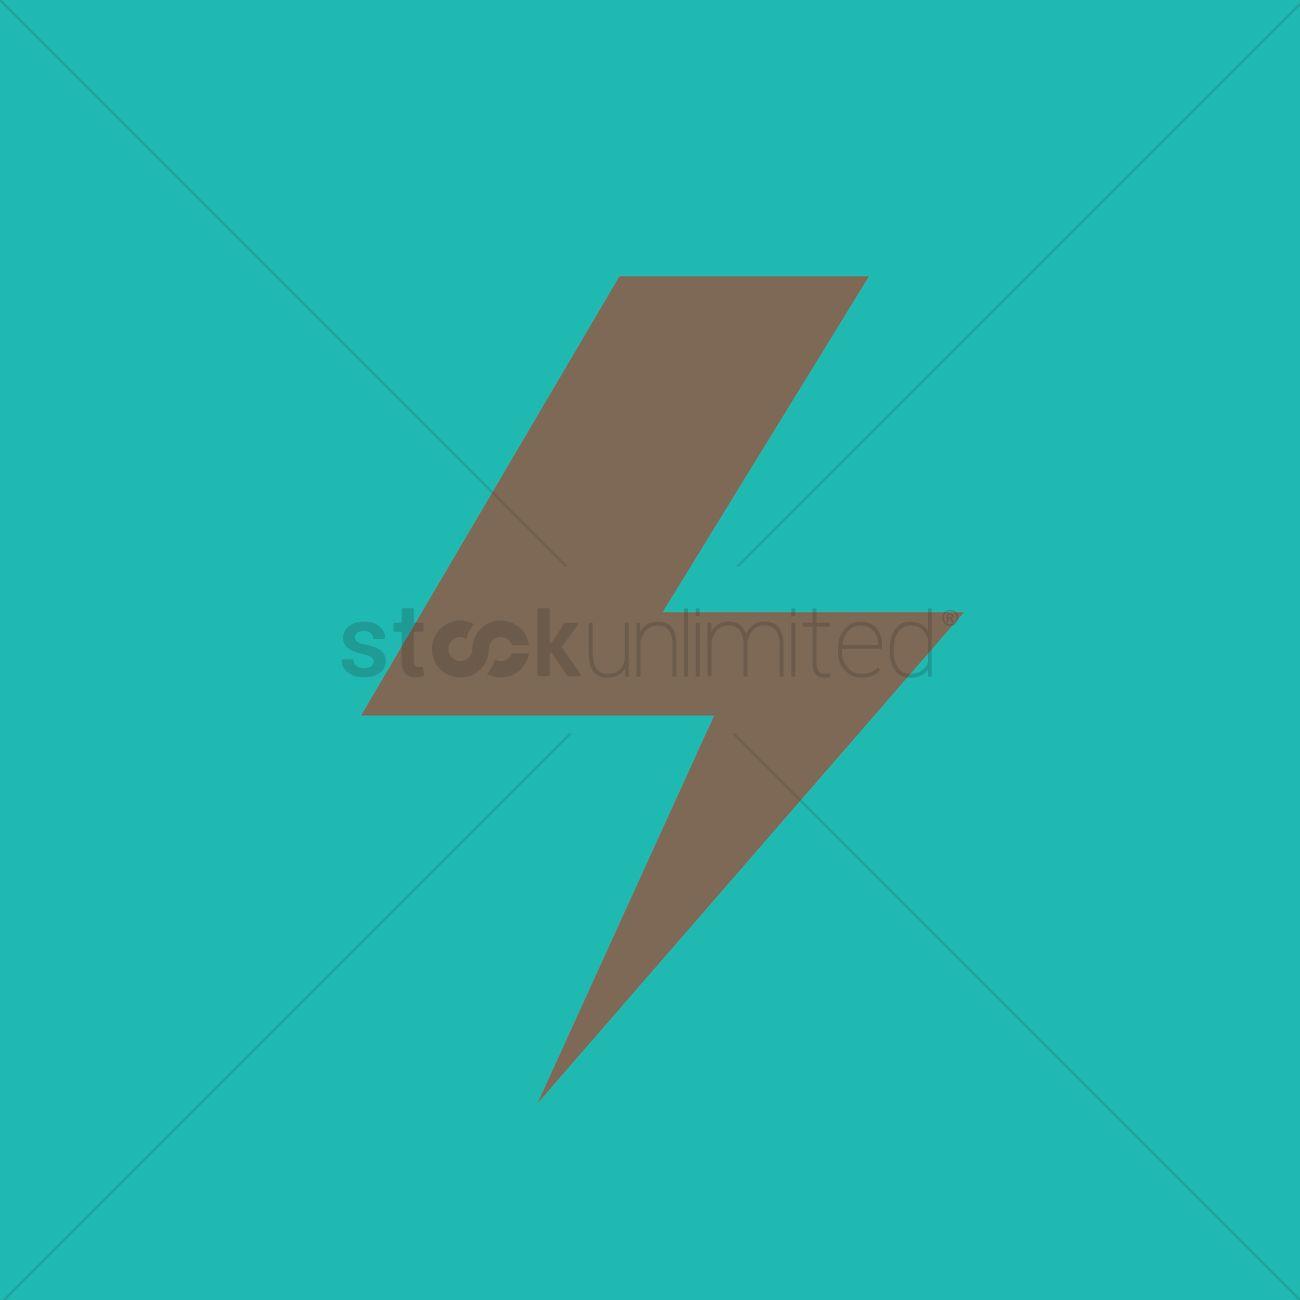 High voltage symbol vector image 1335998 stockunlimited high voltage symbol vector graphic buycottarizona